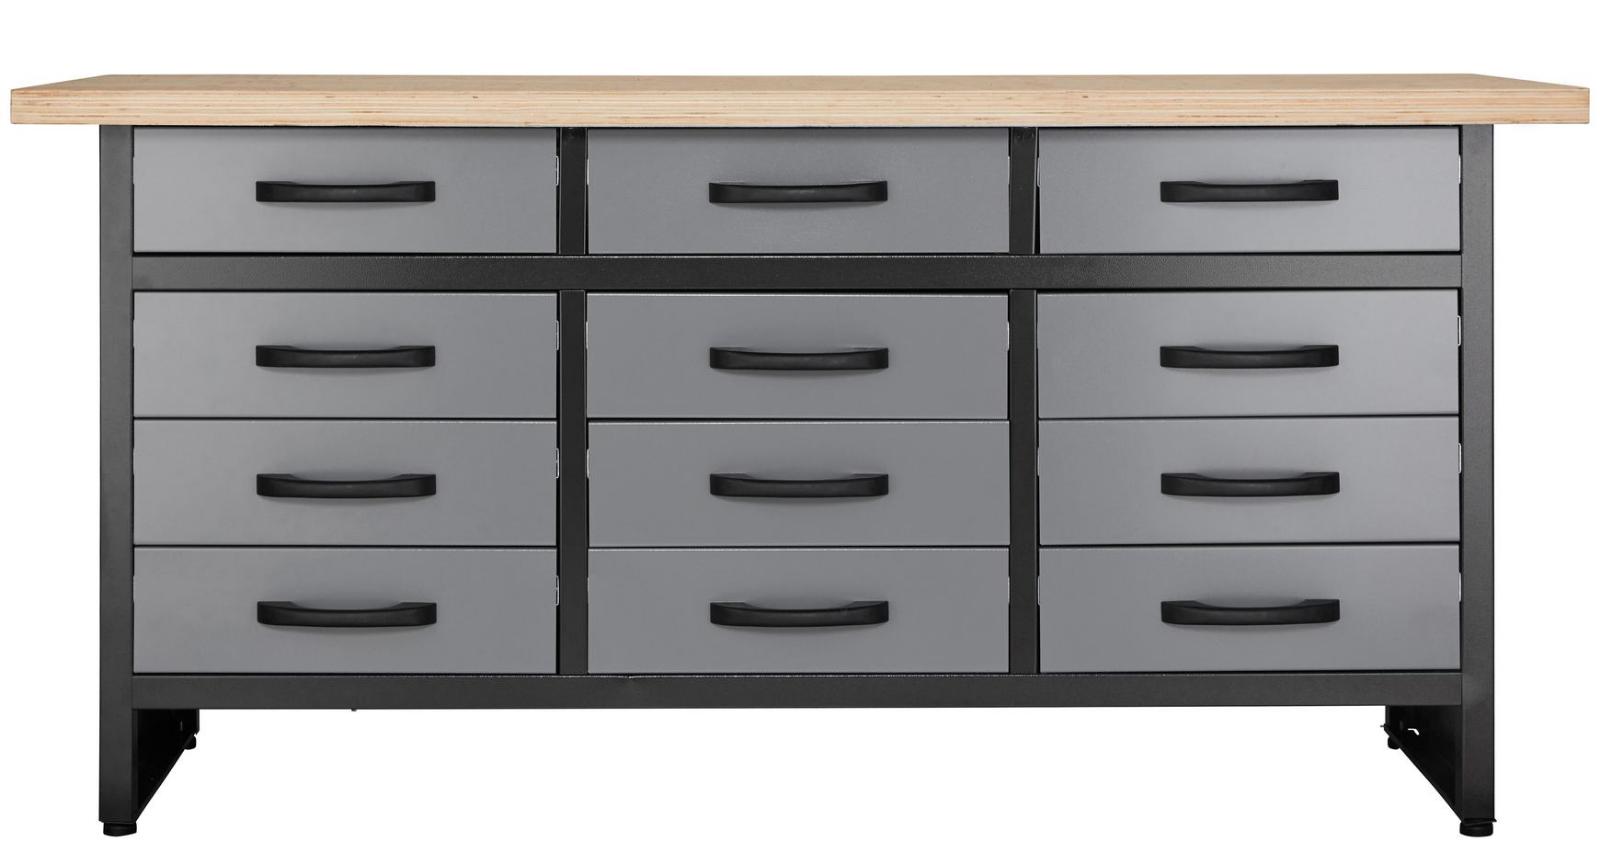 Werkstatt Werkbank 170 Cm 15 Schubladen Profiqualität | eBay